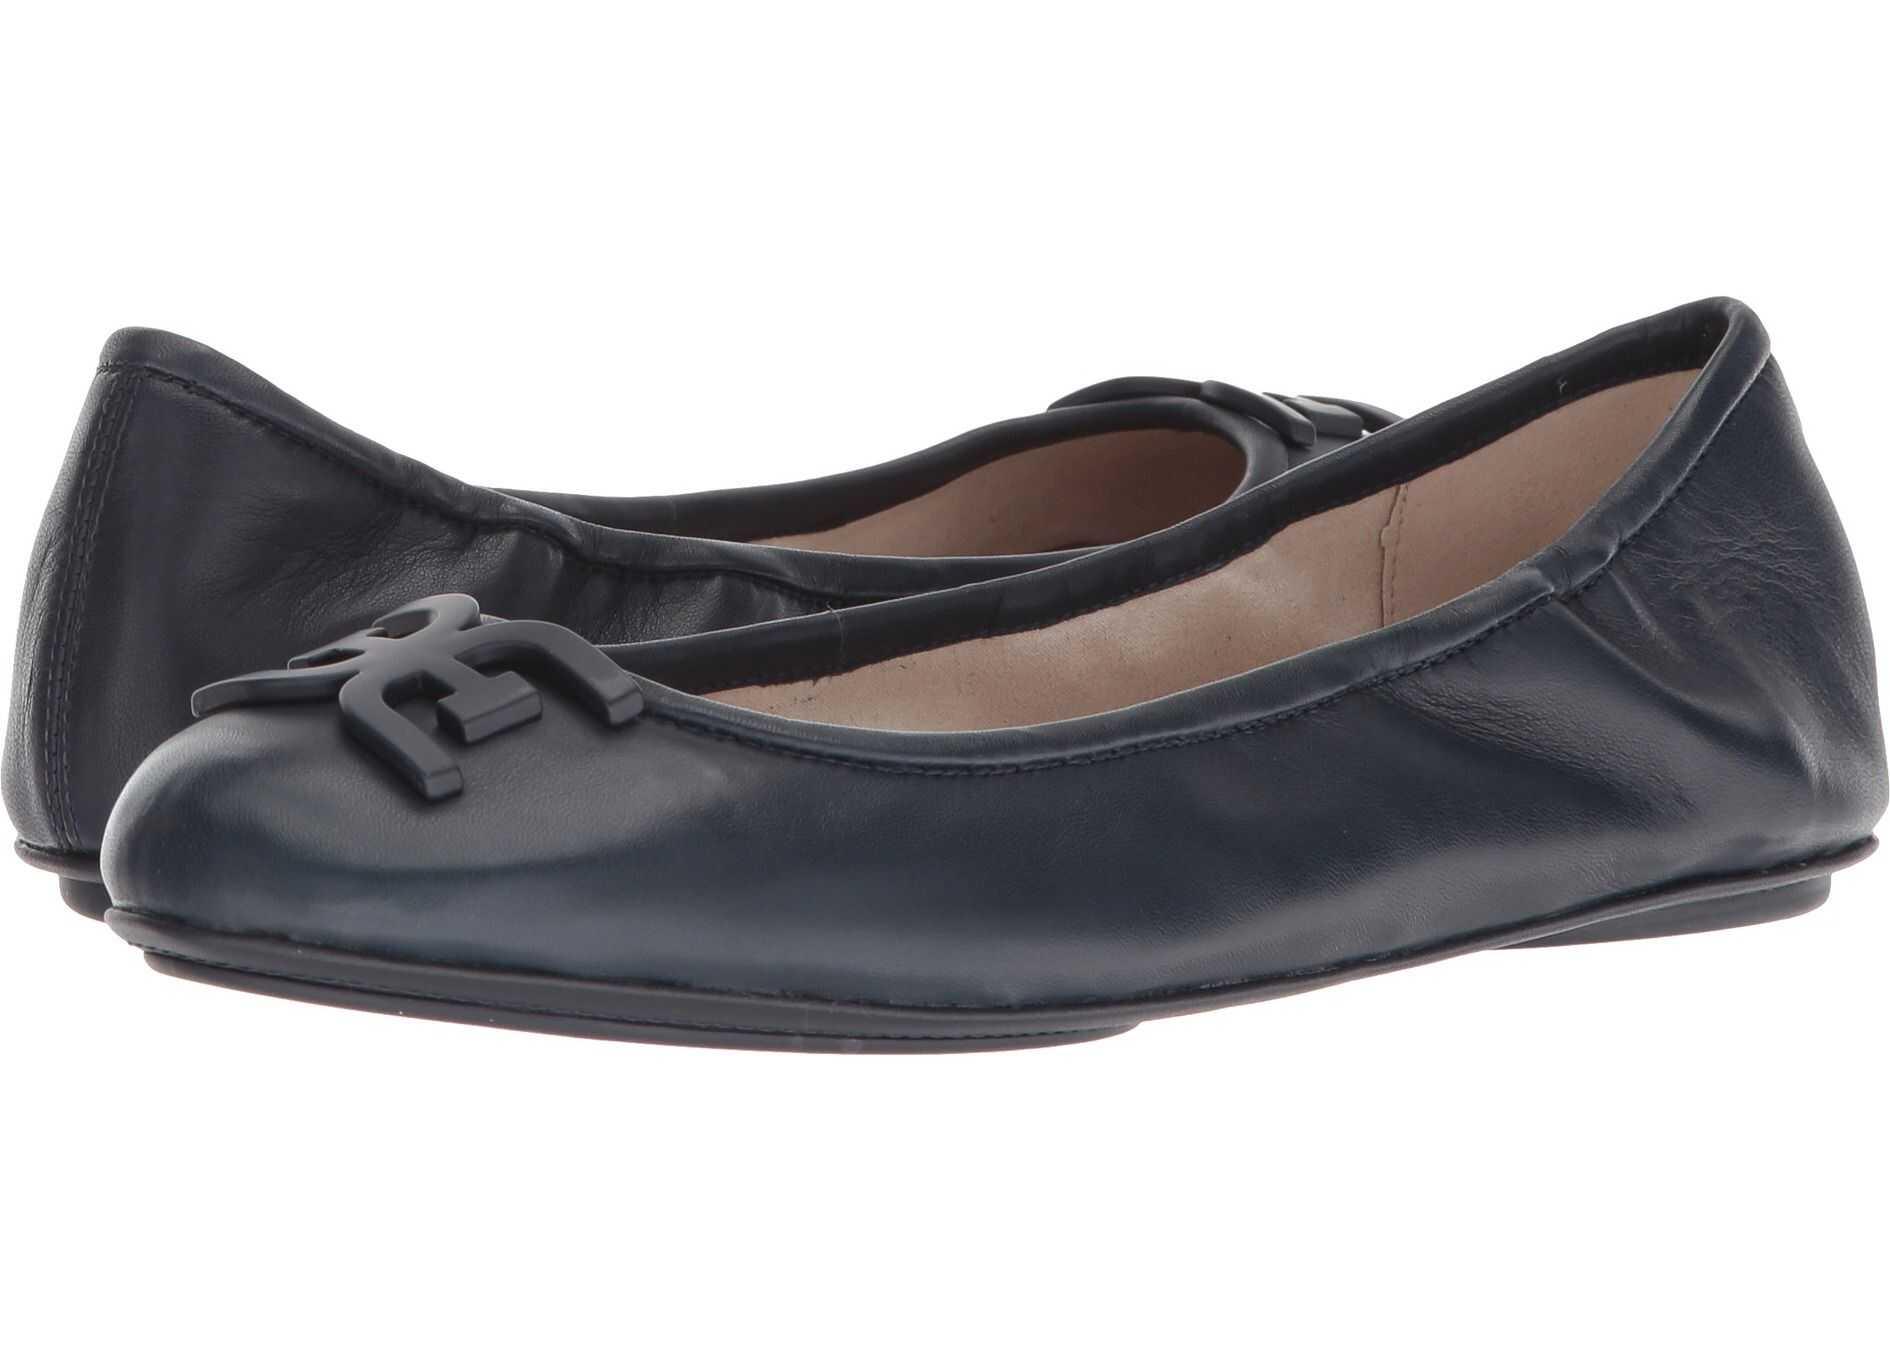 Sam Edelman Florence Seablue Nappa Luva Leather